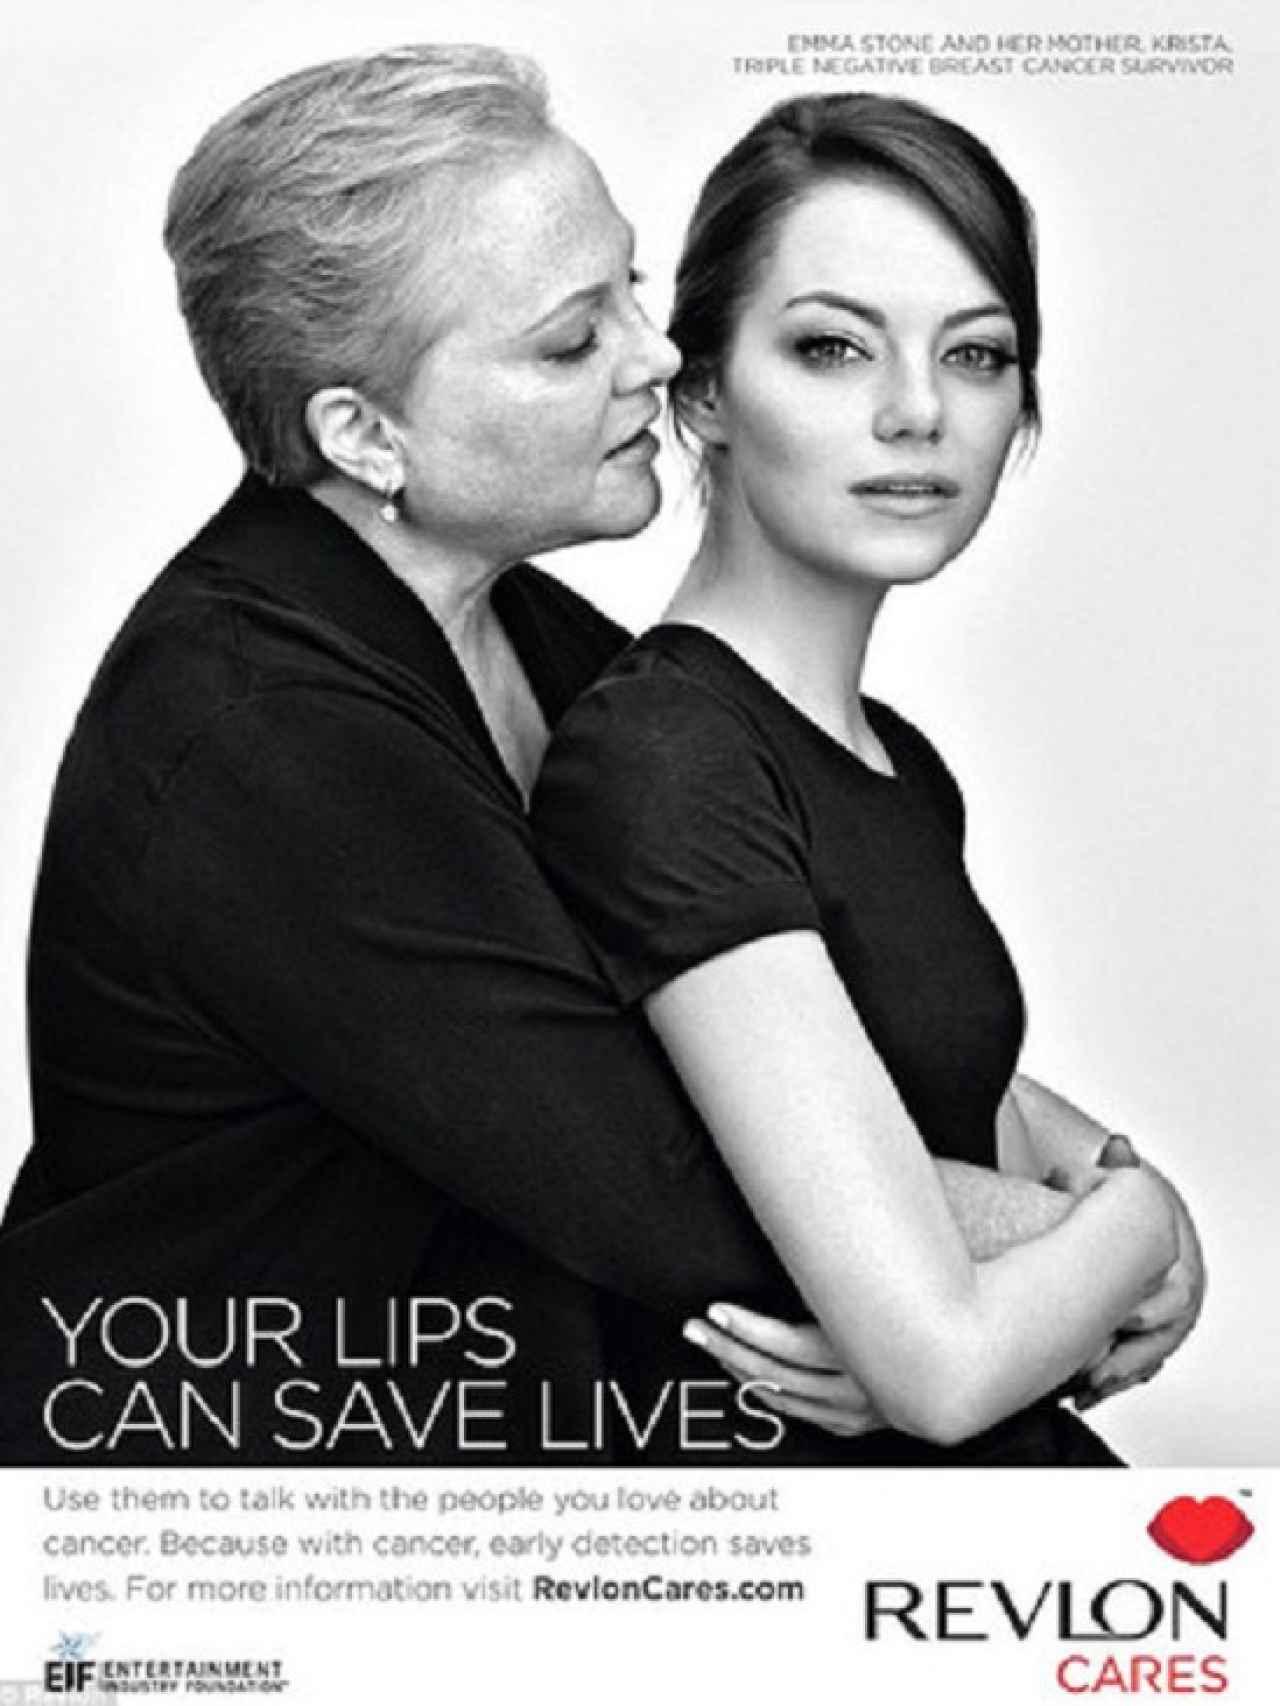 Imagen de la campaña protagonizada por madre e hija.